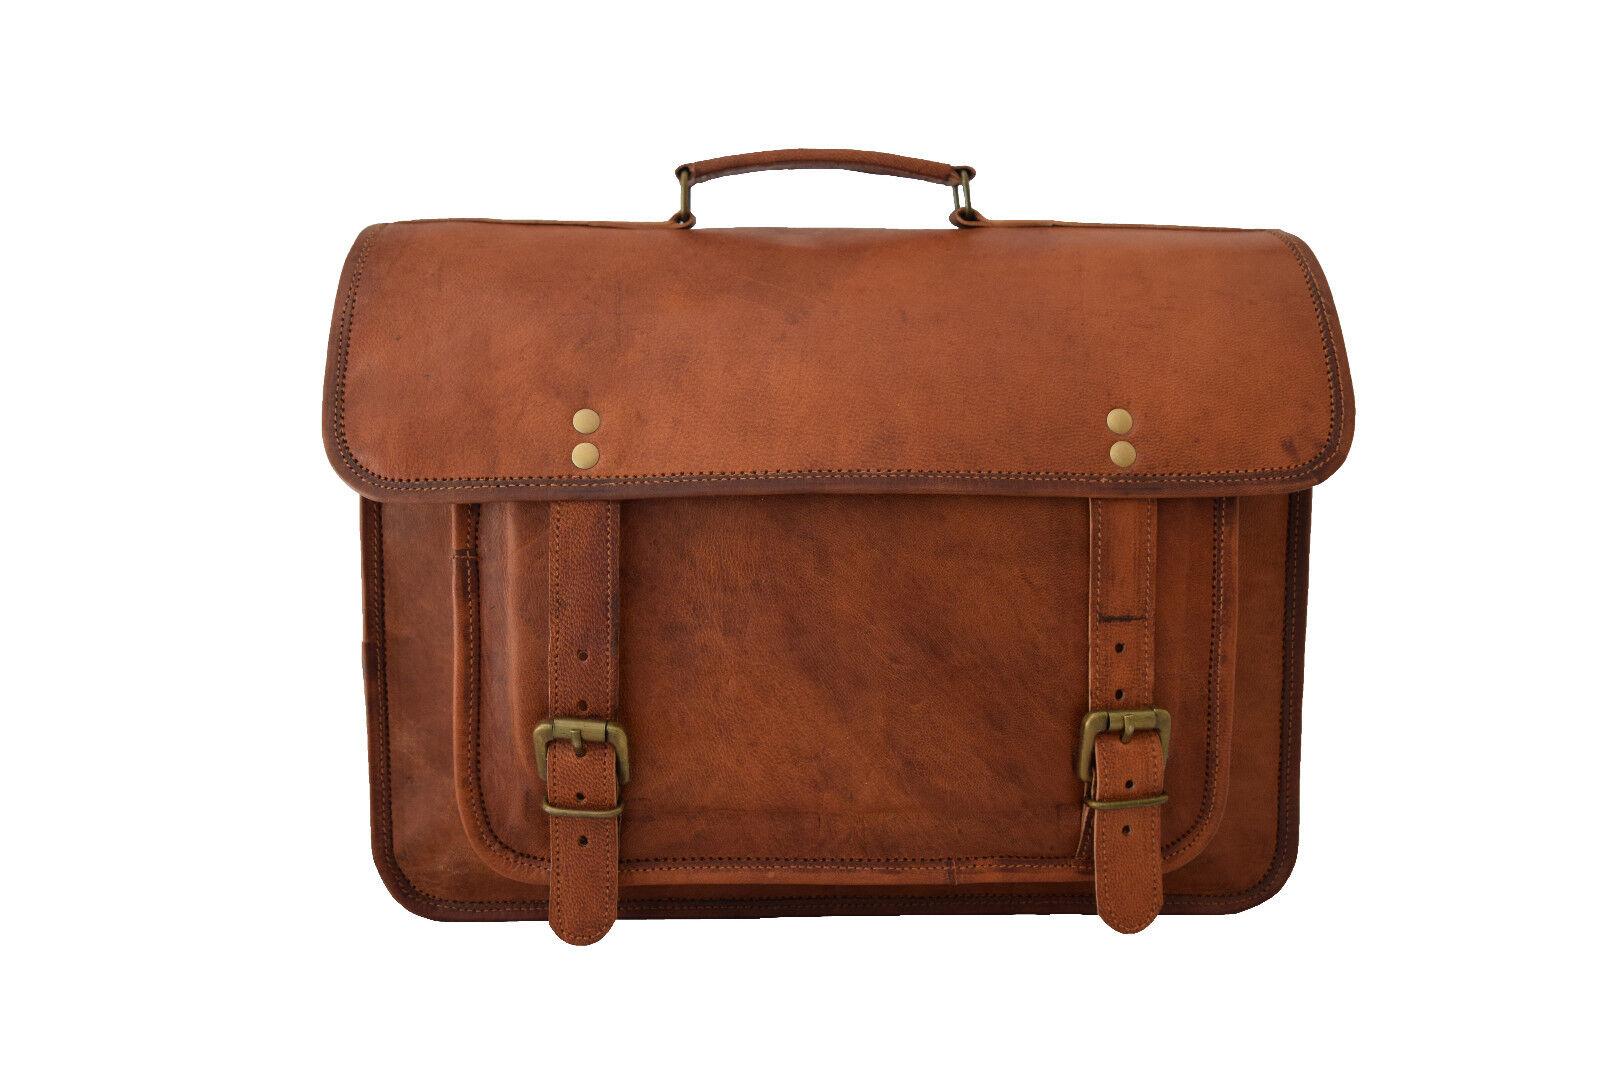 Leder Umhängetasche 15 Zoll Laptop Schultertasche Messengertasche Aktentasche